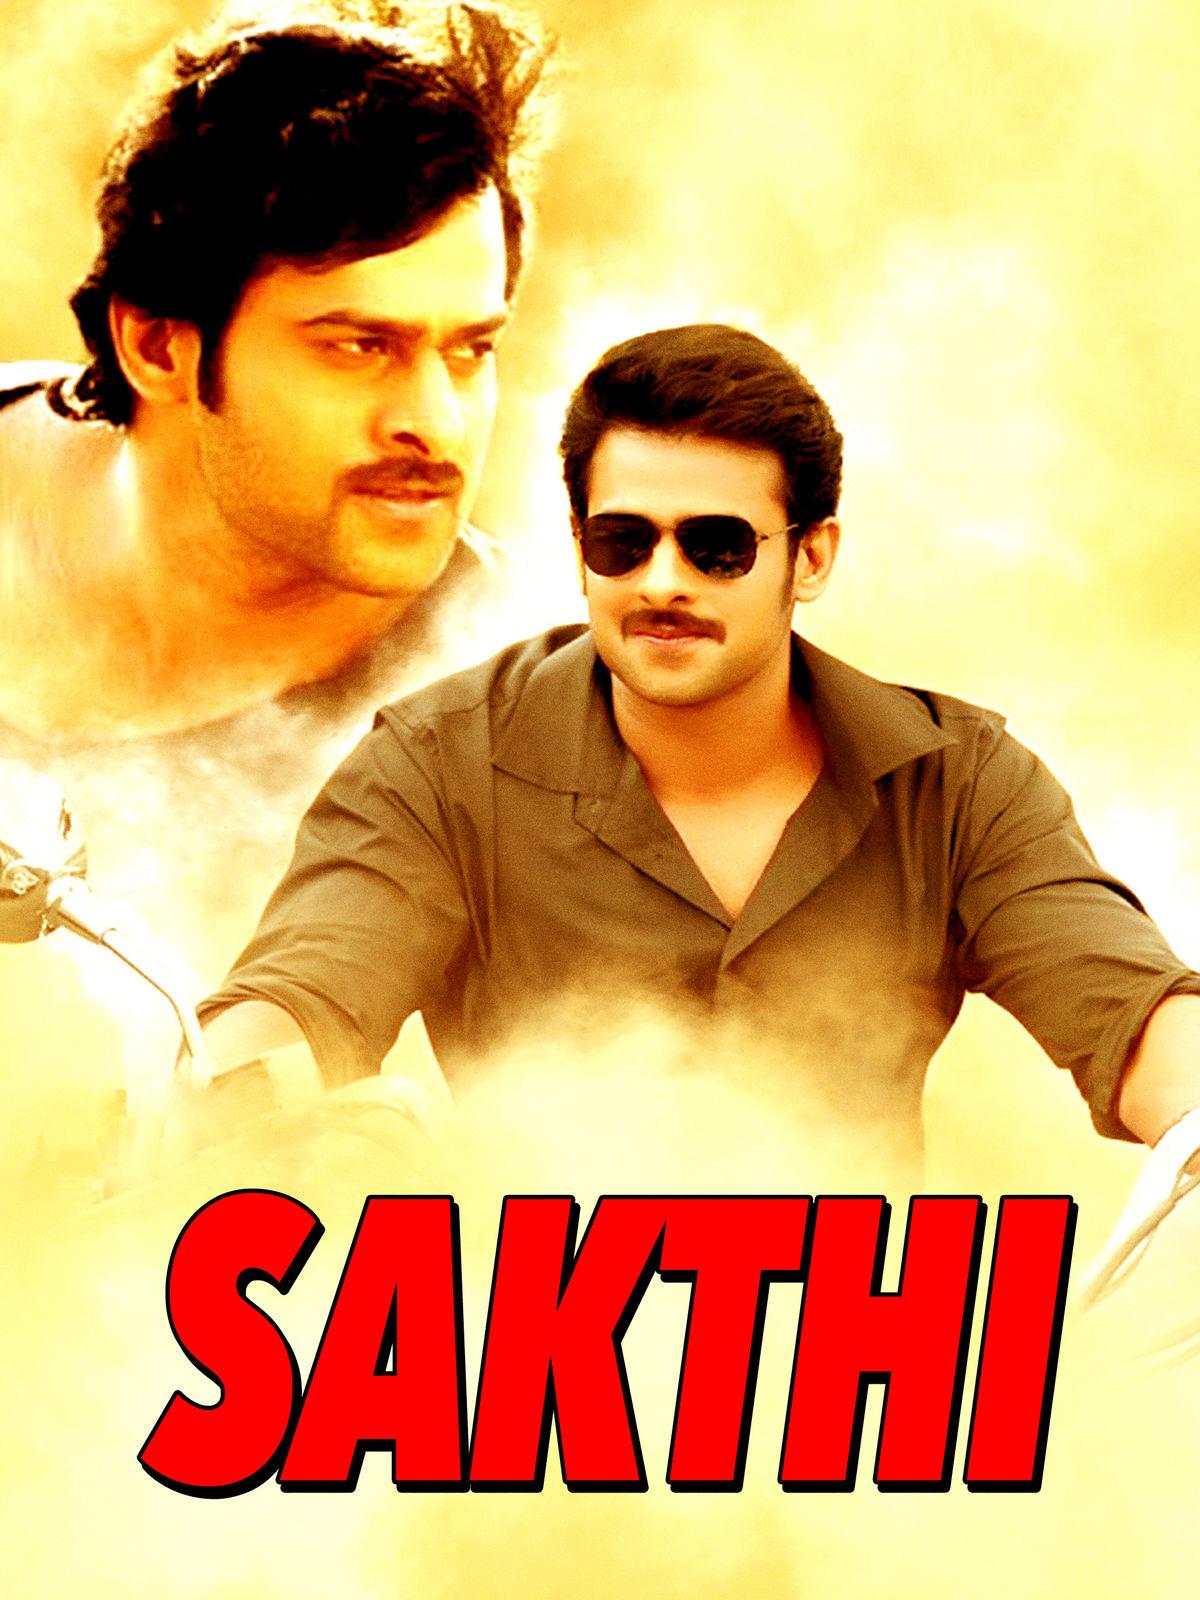 Sakthi - Malayalam